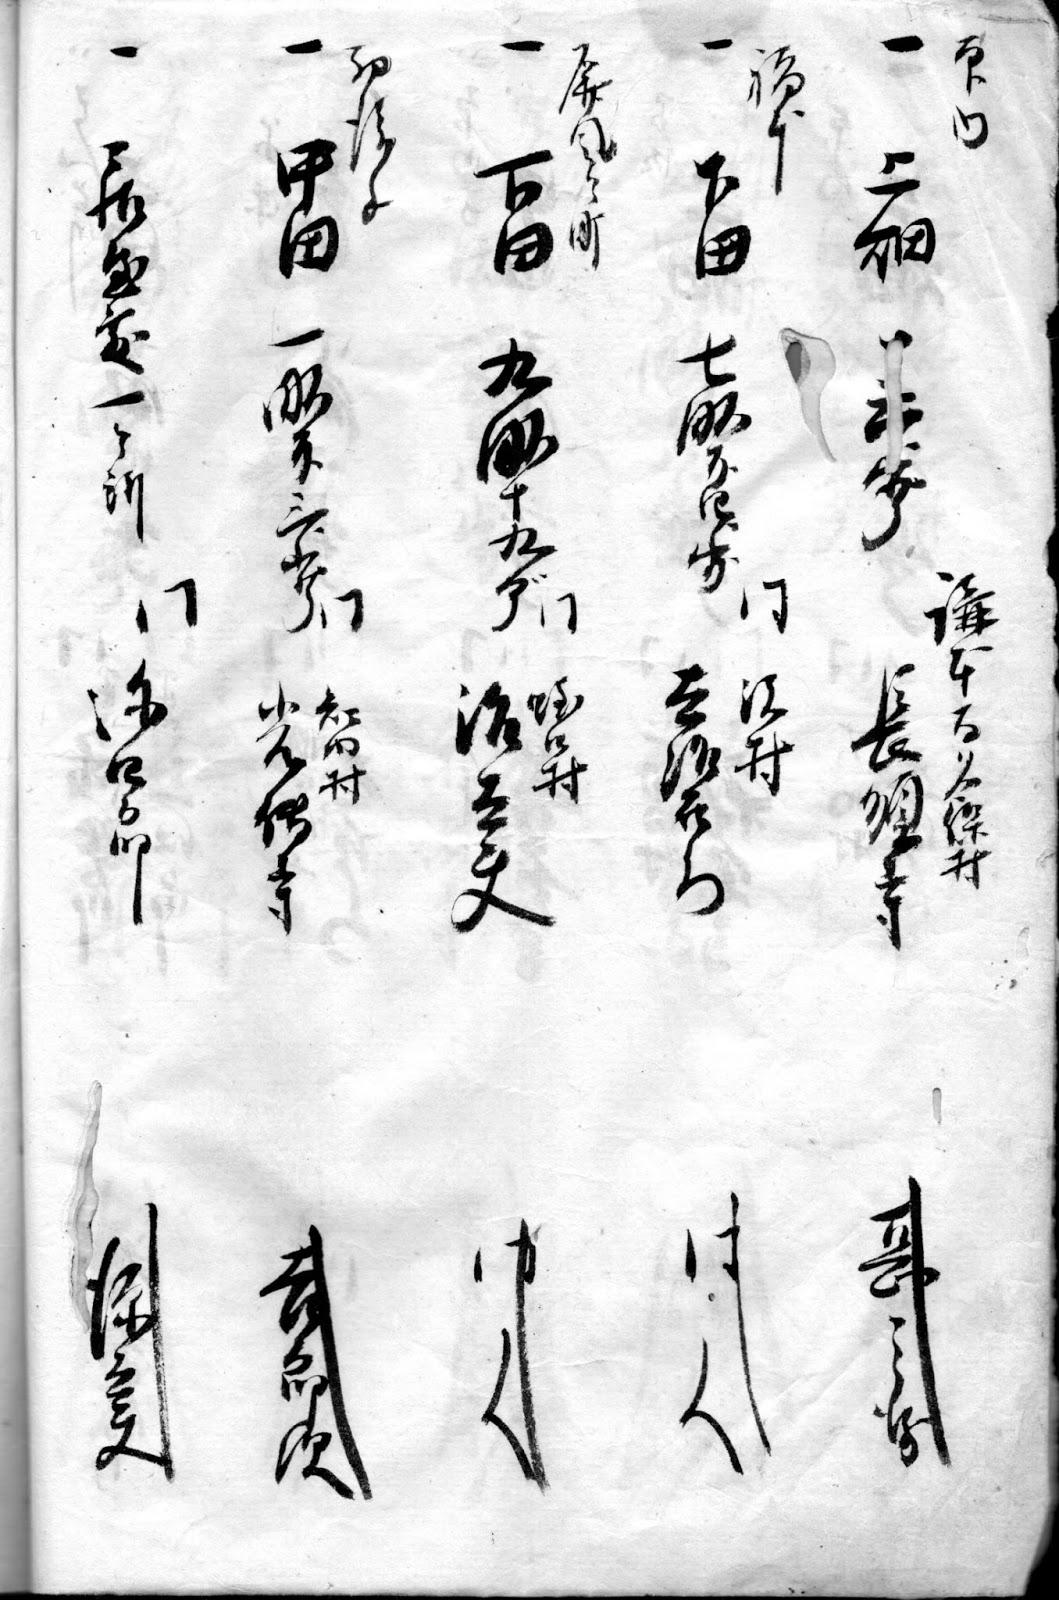 井関家重と井関家の人びと 2 (2...